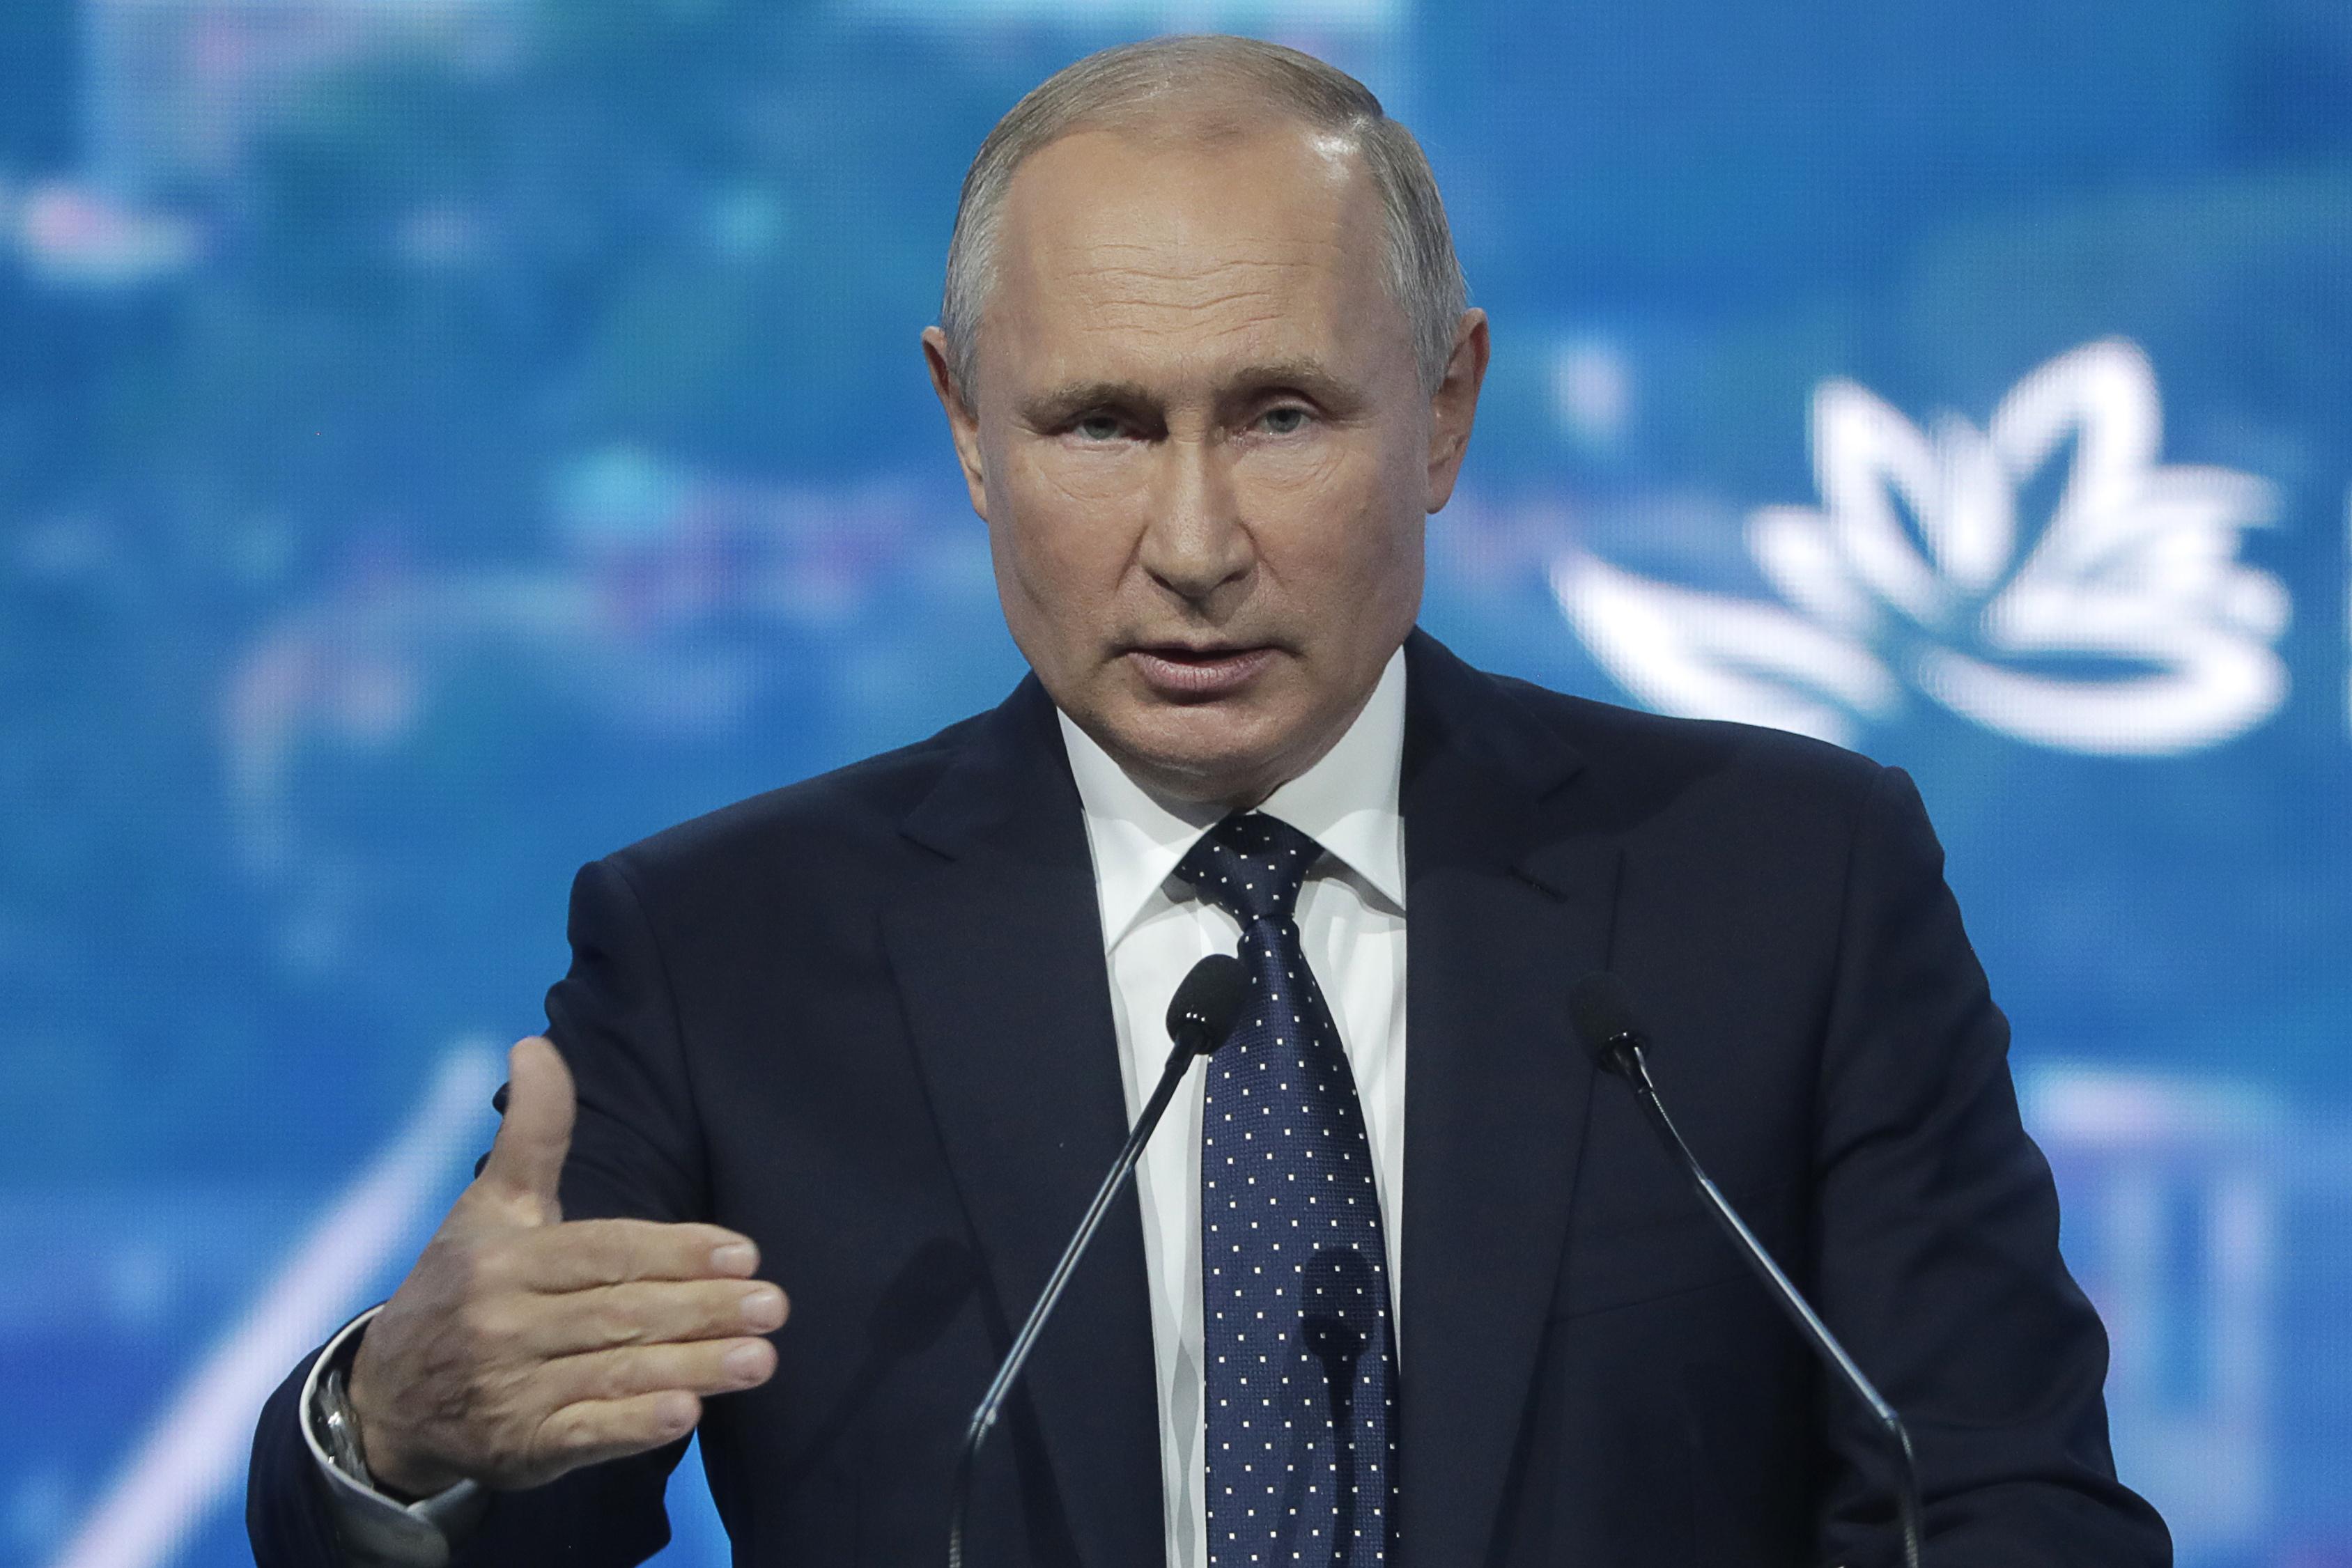 Владимир Путин поддержал идею о запуске ипотеки под 2% годовых для молодых семей в ДФО